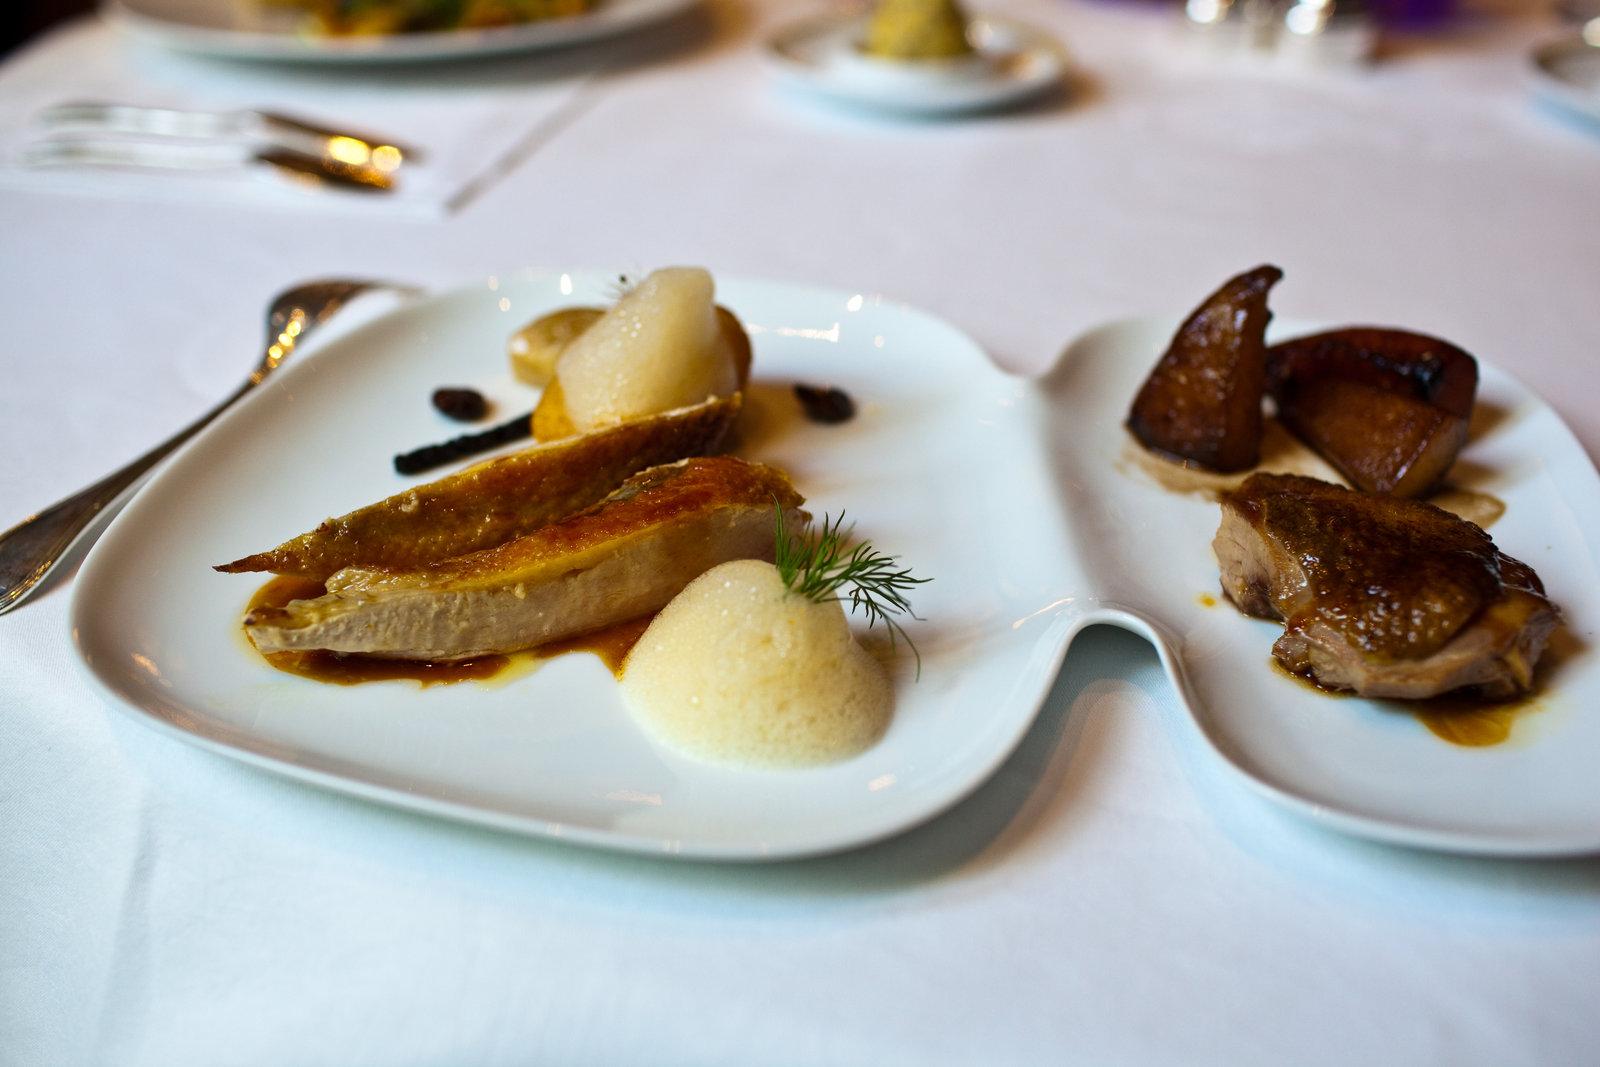 Le Cinq - Pintade fermière des dombes, dorée à la feuille de citronnier, melon confit, fenouil, olives noires